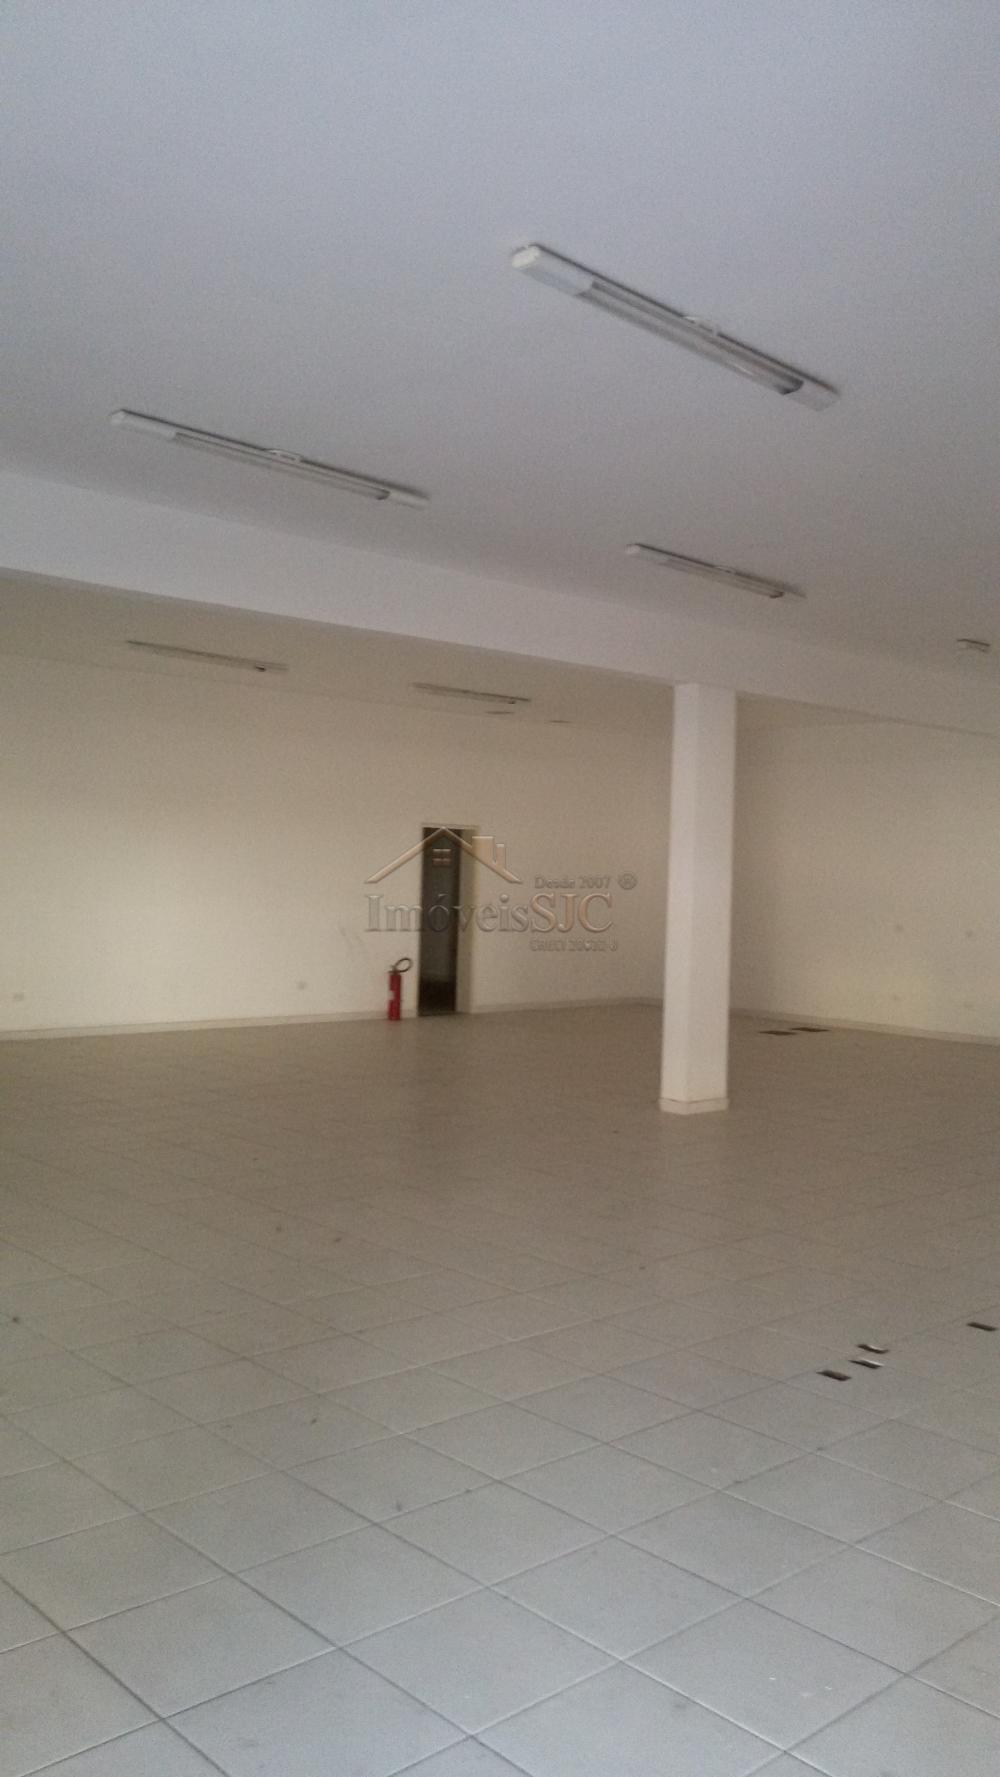 Alugar Comerciais / Loja/Salão em São José dos Campos apenas R$ 8.000,00 - Foto 2